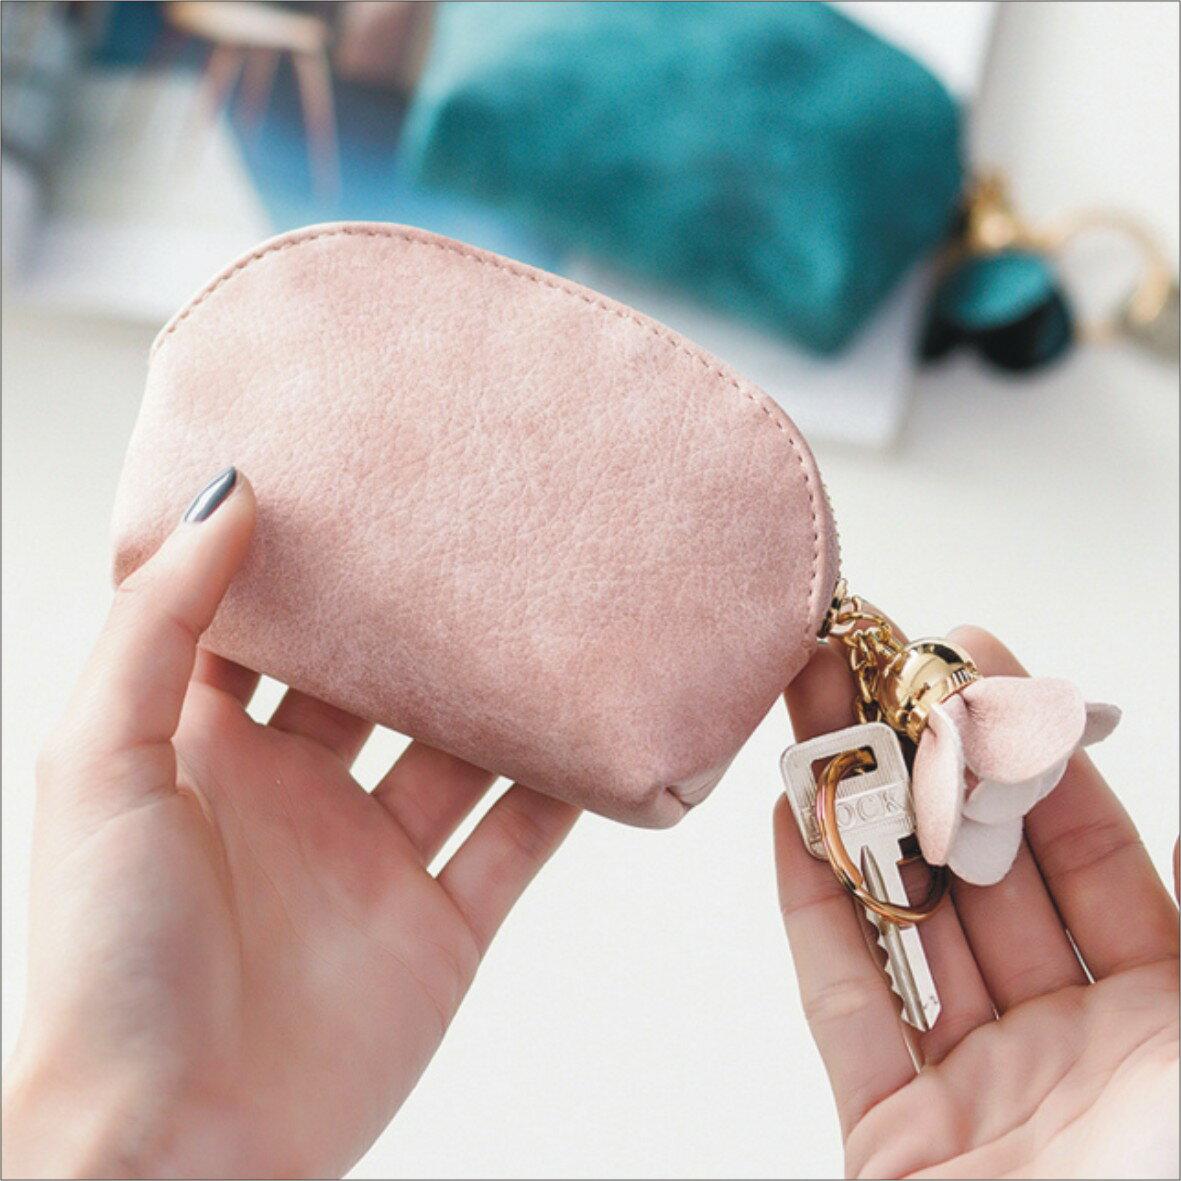 甜心小舖~花朵零錢包可掛鑰匙~ 背包 書包 旅行包 休閒包 包包 側背